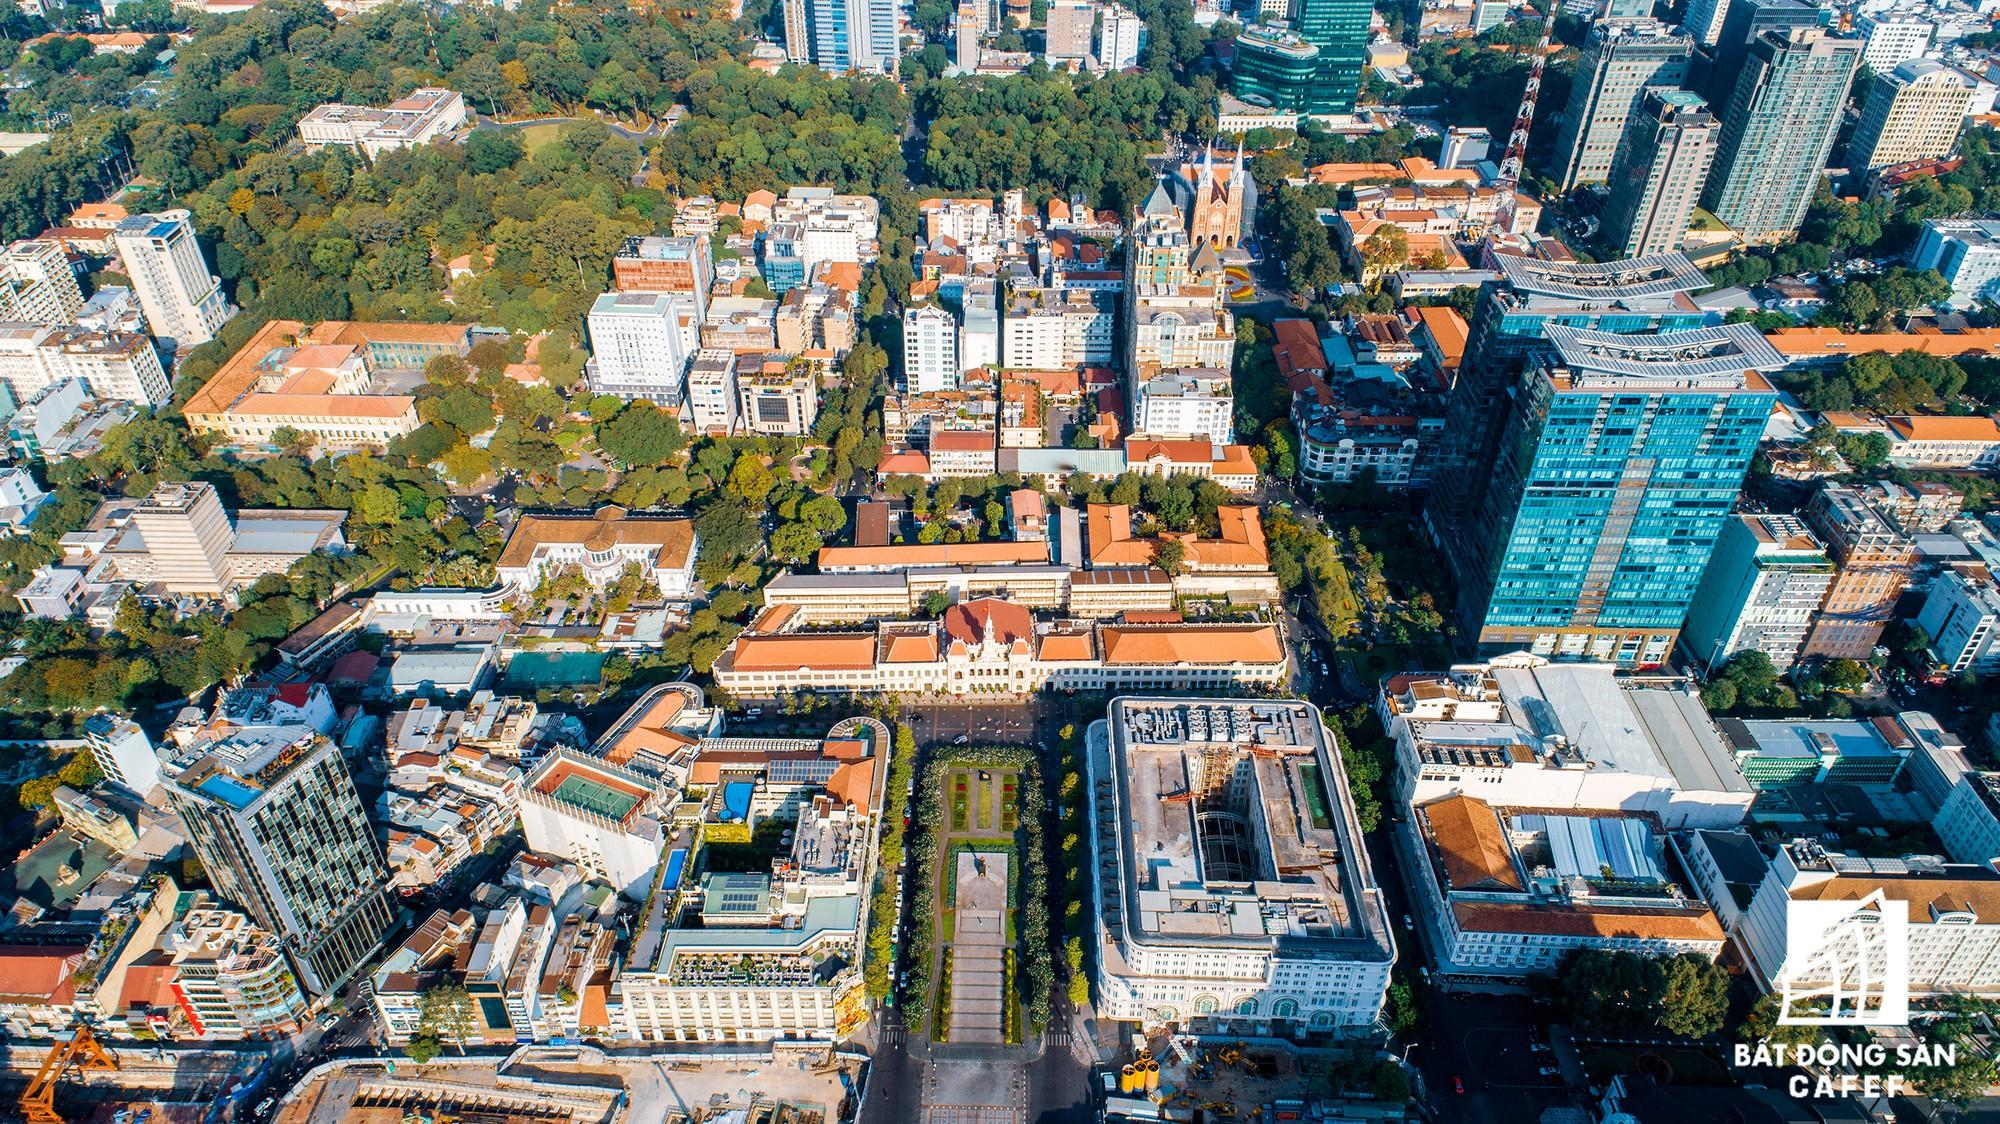 Toàn cảnh con đường có giá bất động sản đắt đỏ nhất Việt Nam, lên tới 2 tỷ đồng một m2 - Ảnh 1.